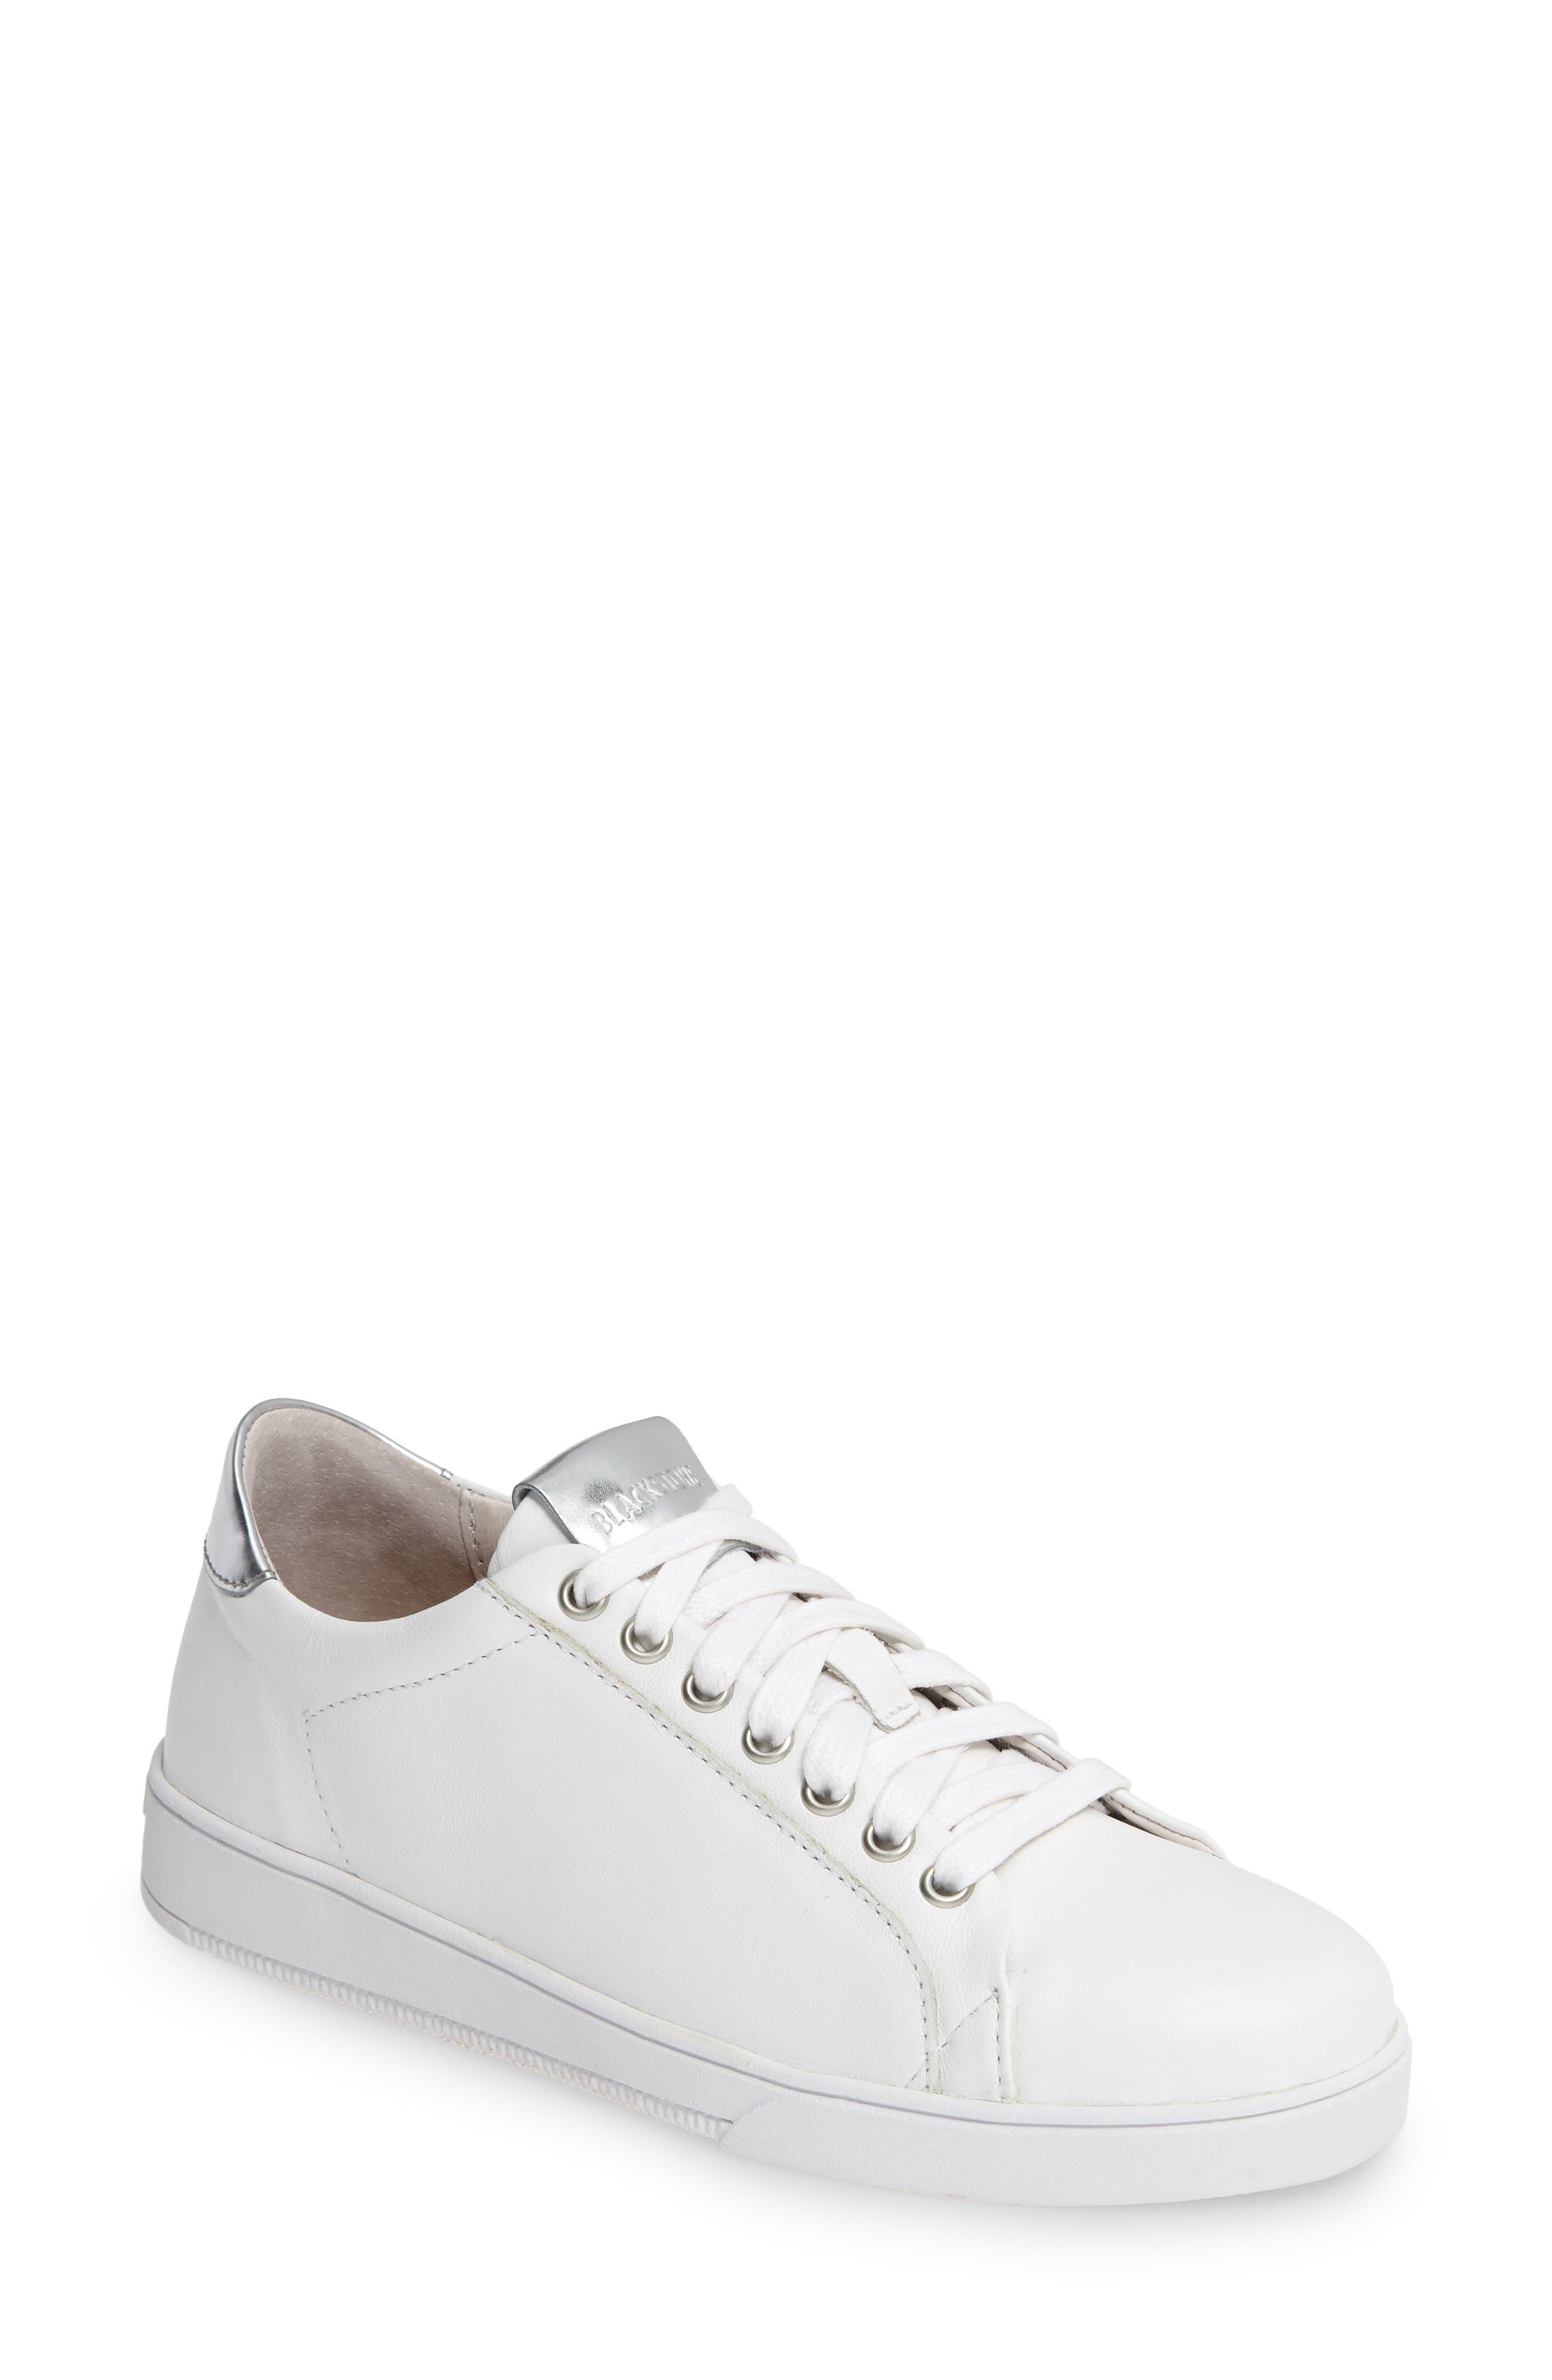 Rl90 Low Top Sneaker